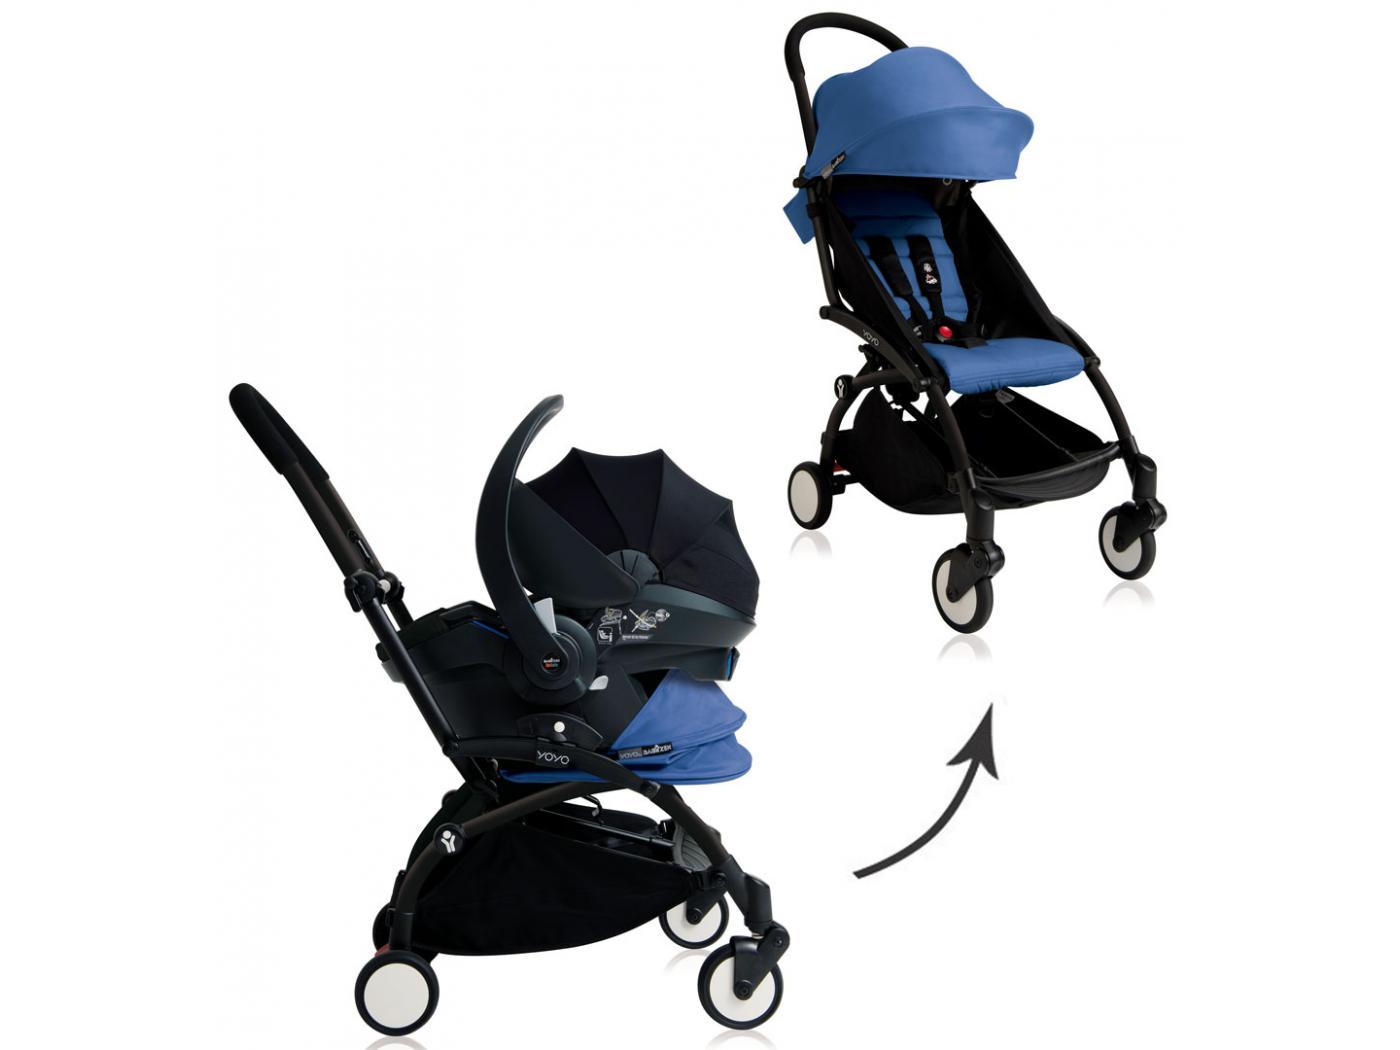 recognized brands hot sale classic styles BU057 - Nouvelle poussette Babyzen Yoyo plus complète cadre noir habillages  0+ et 6+ bleu et siège auto Babyzen Besafe noir